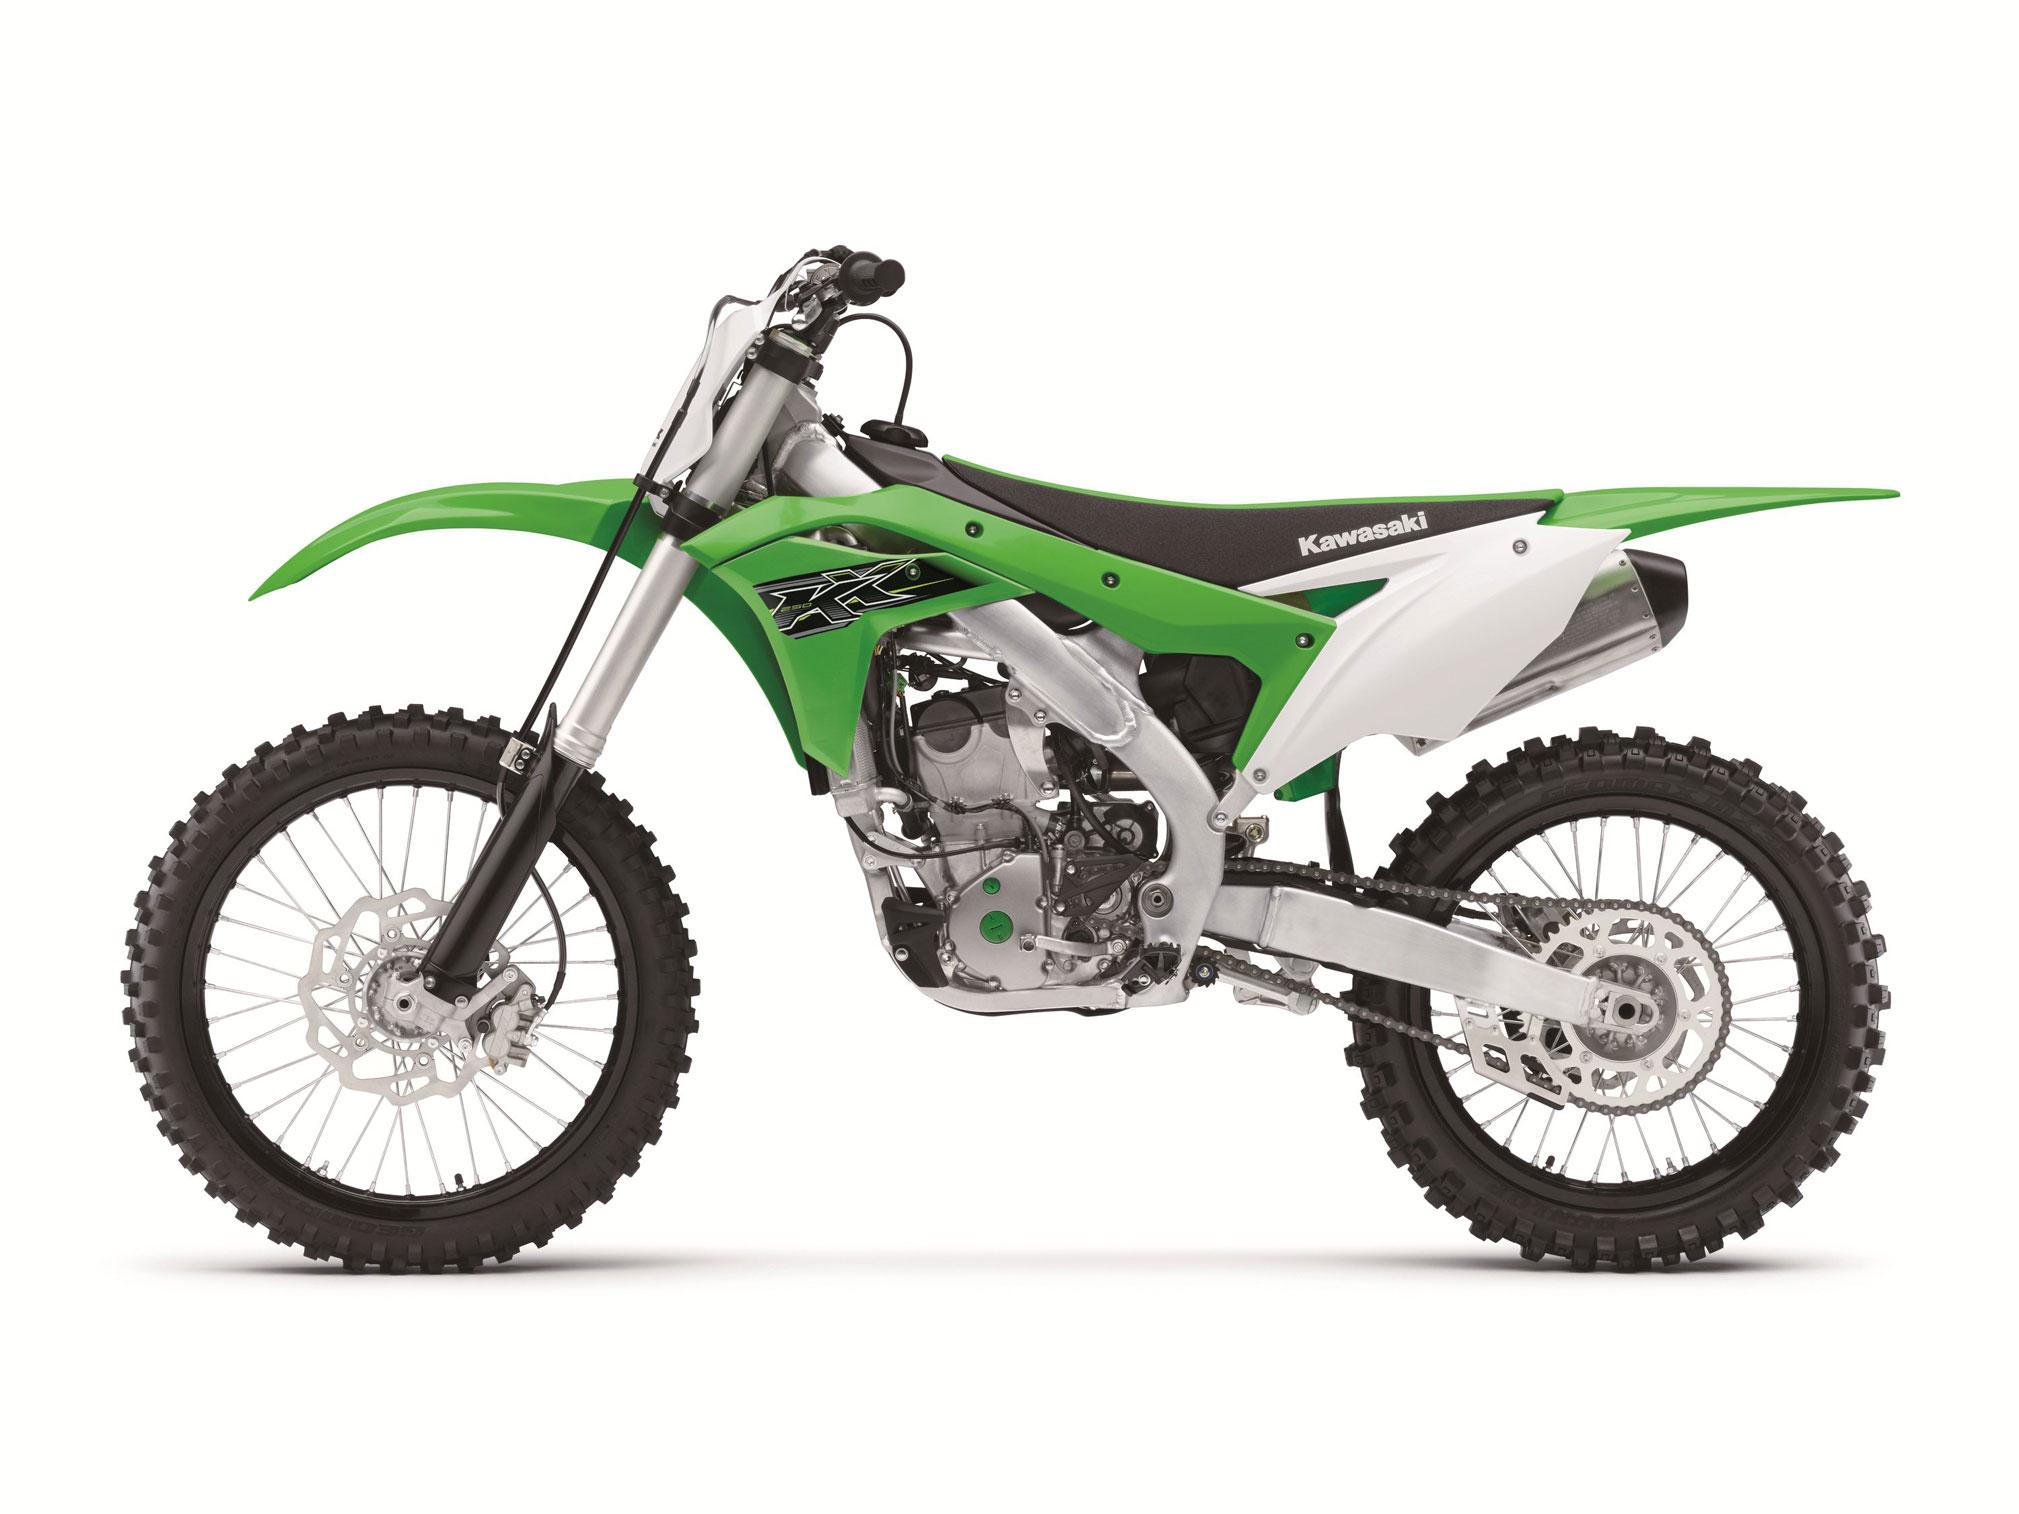 2019 Kawasaki Kx250 Guide Total Motorcycle